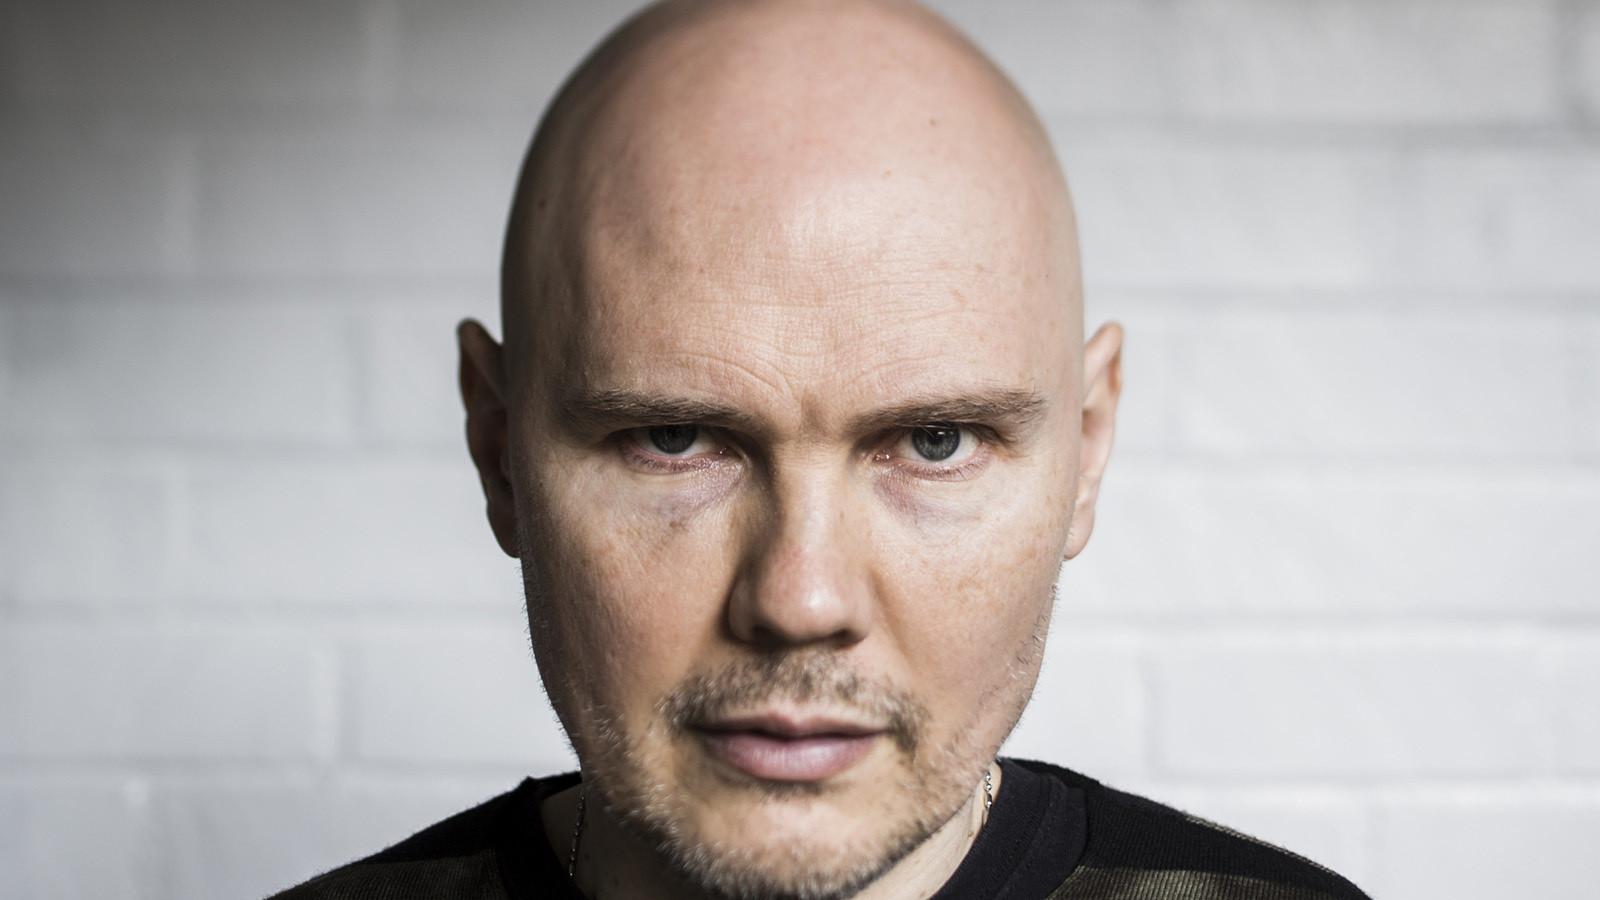 """Billy Corgan: """"el negocio de la música está dirigido por ladrones muy por detrás de los tiempos tecnológicos"""""""